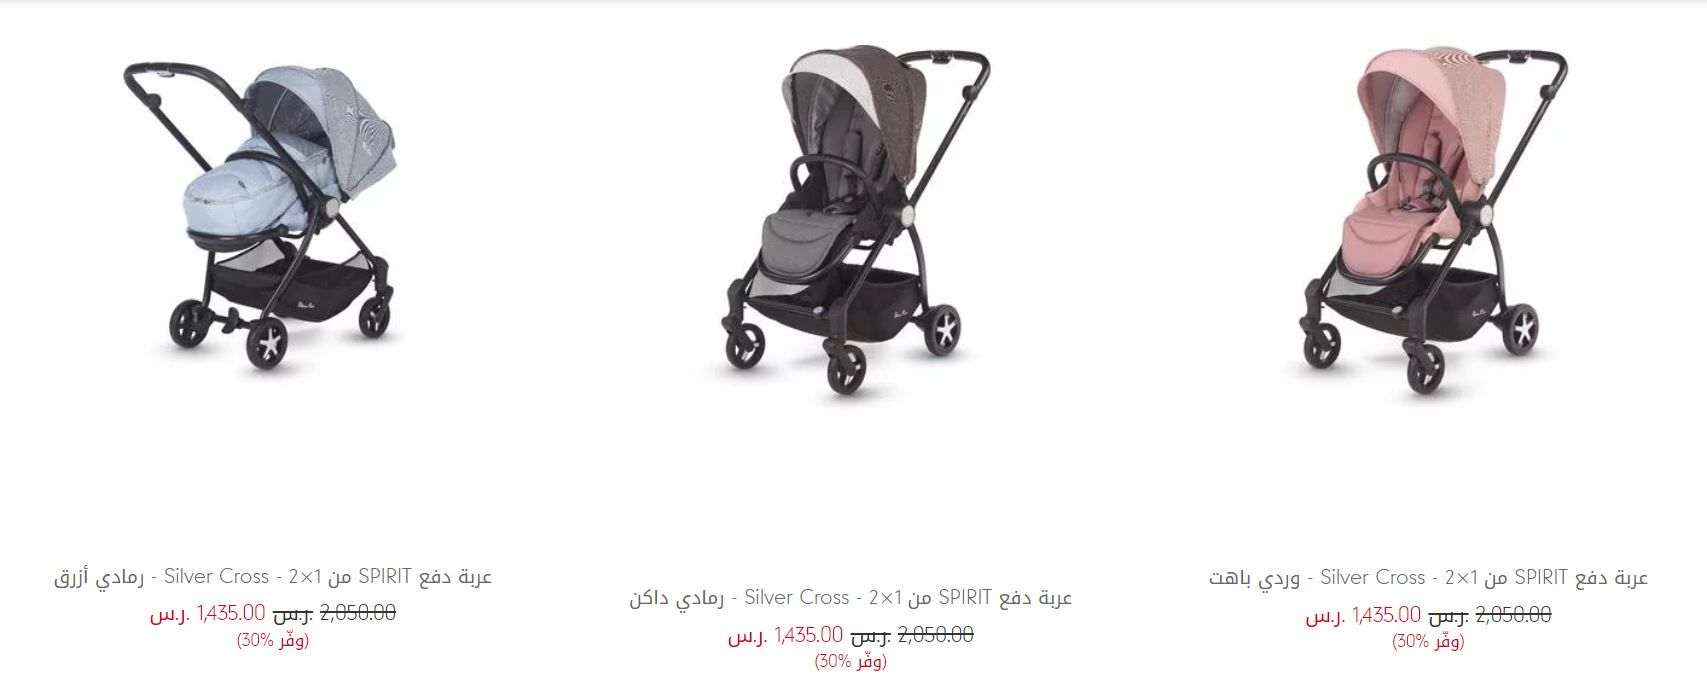 عربات اطفال mothercare السعودية